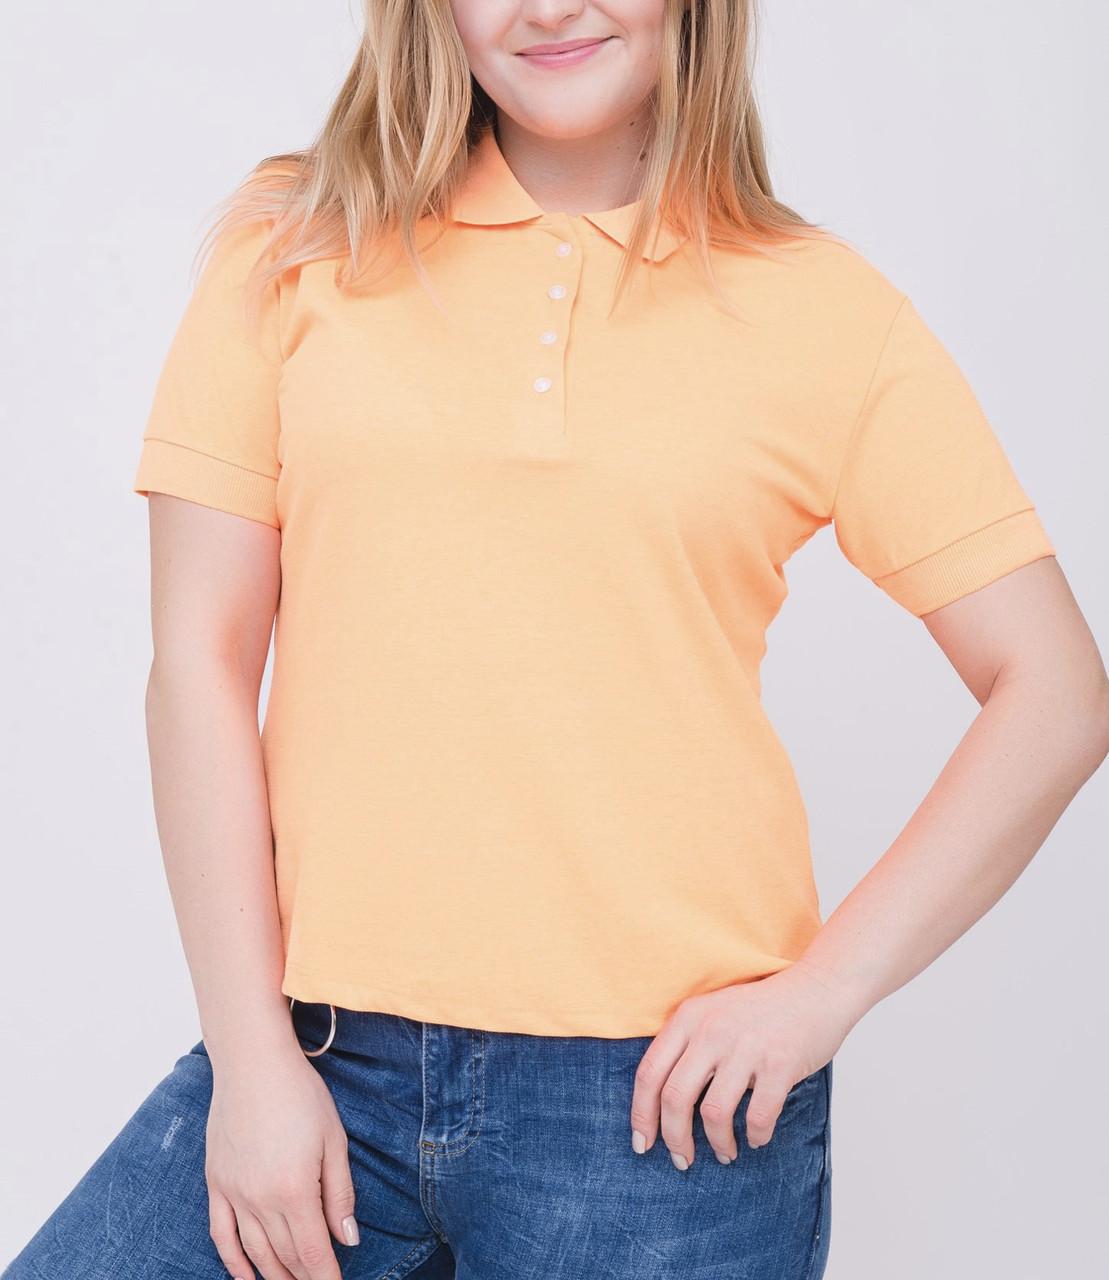 Женская футболка Поло 50-54 размер